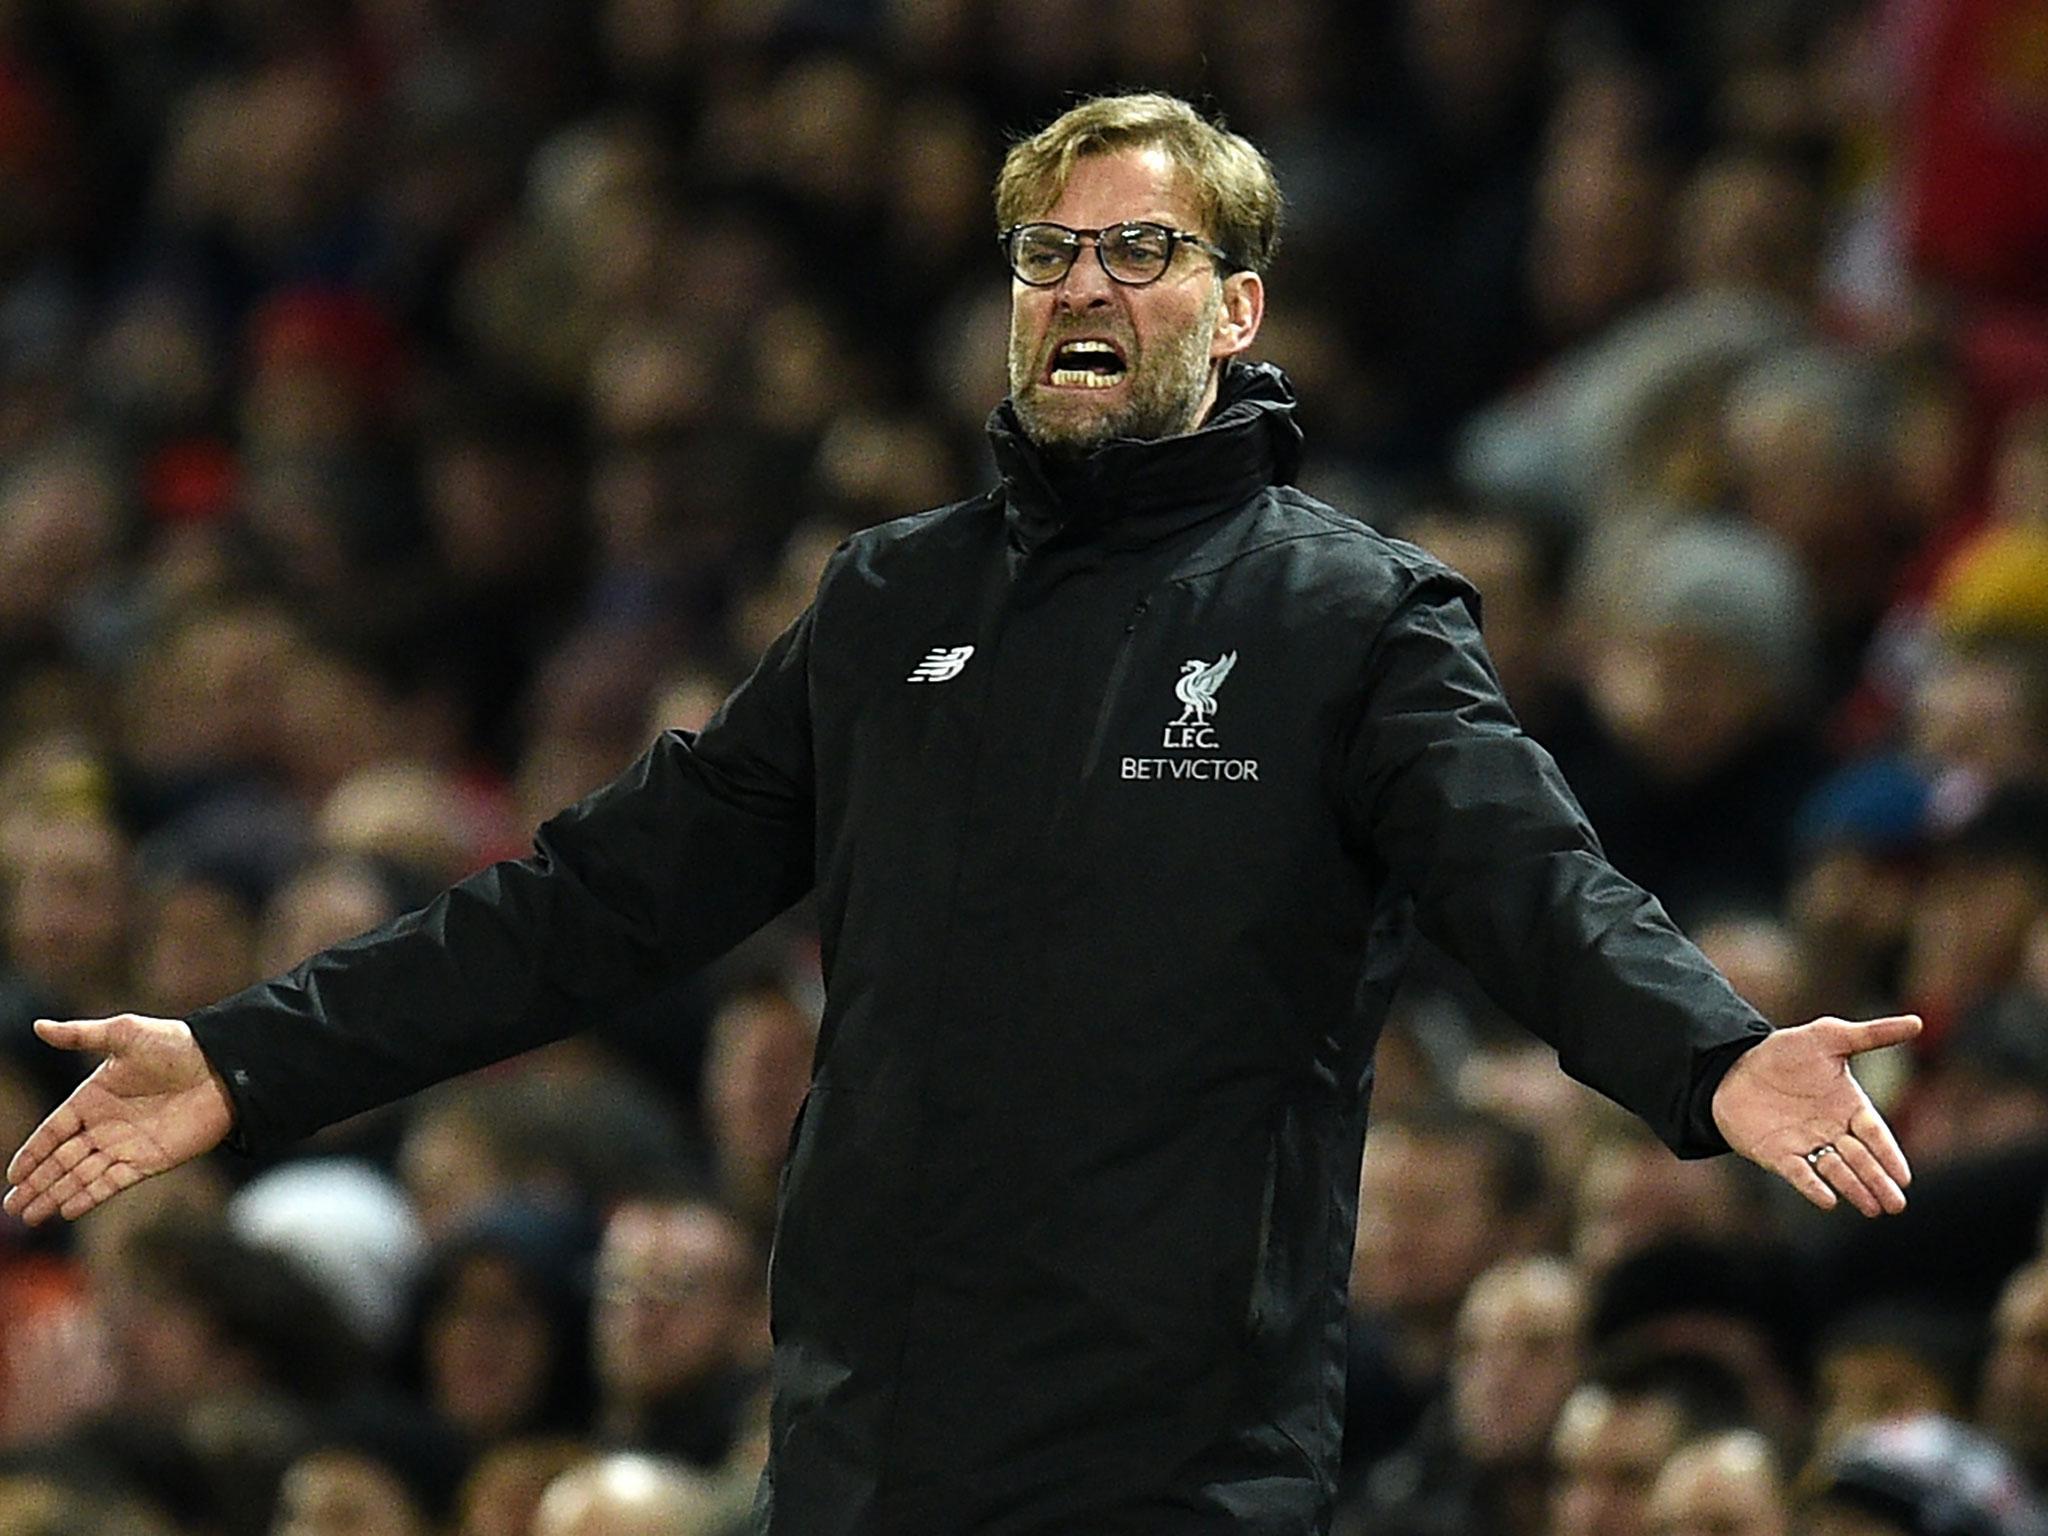 Liverpool coach reveals Jürgen Klopp's methods and says he is '30% tactics, 70% team building'